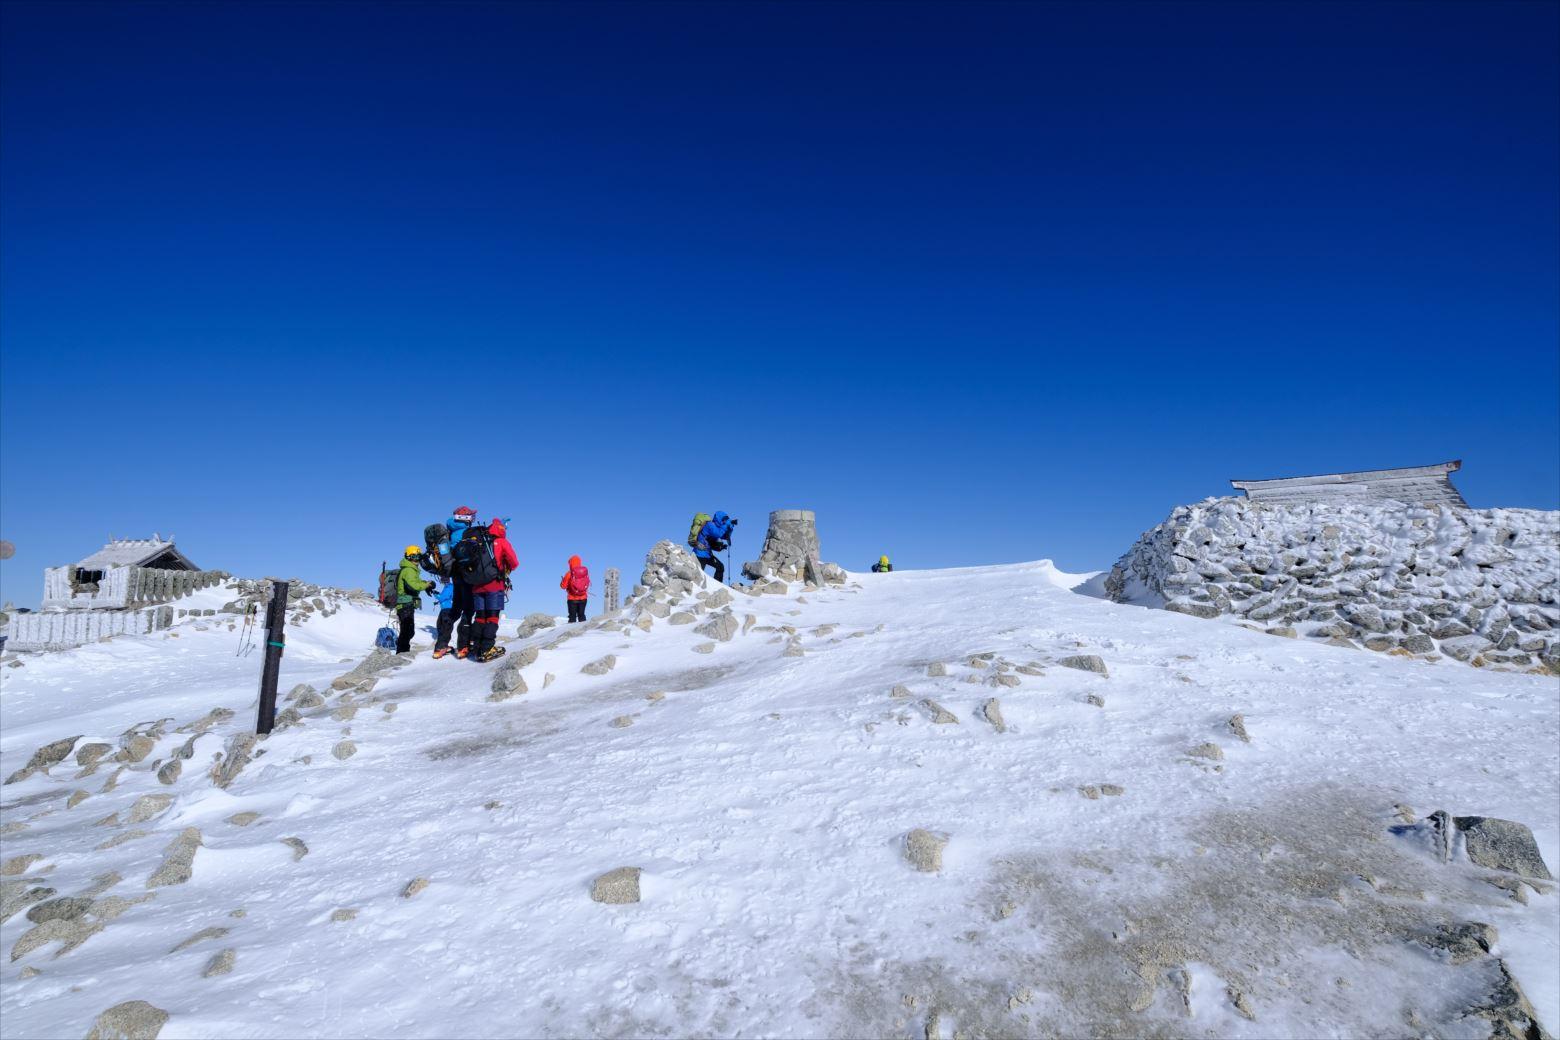 【初冬期・雪山登山】木曽駒ケ岳 (33)